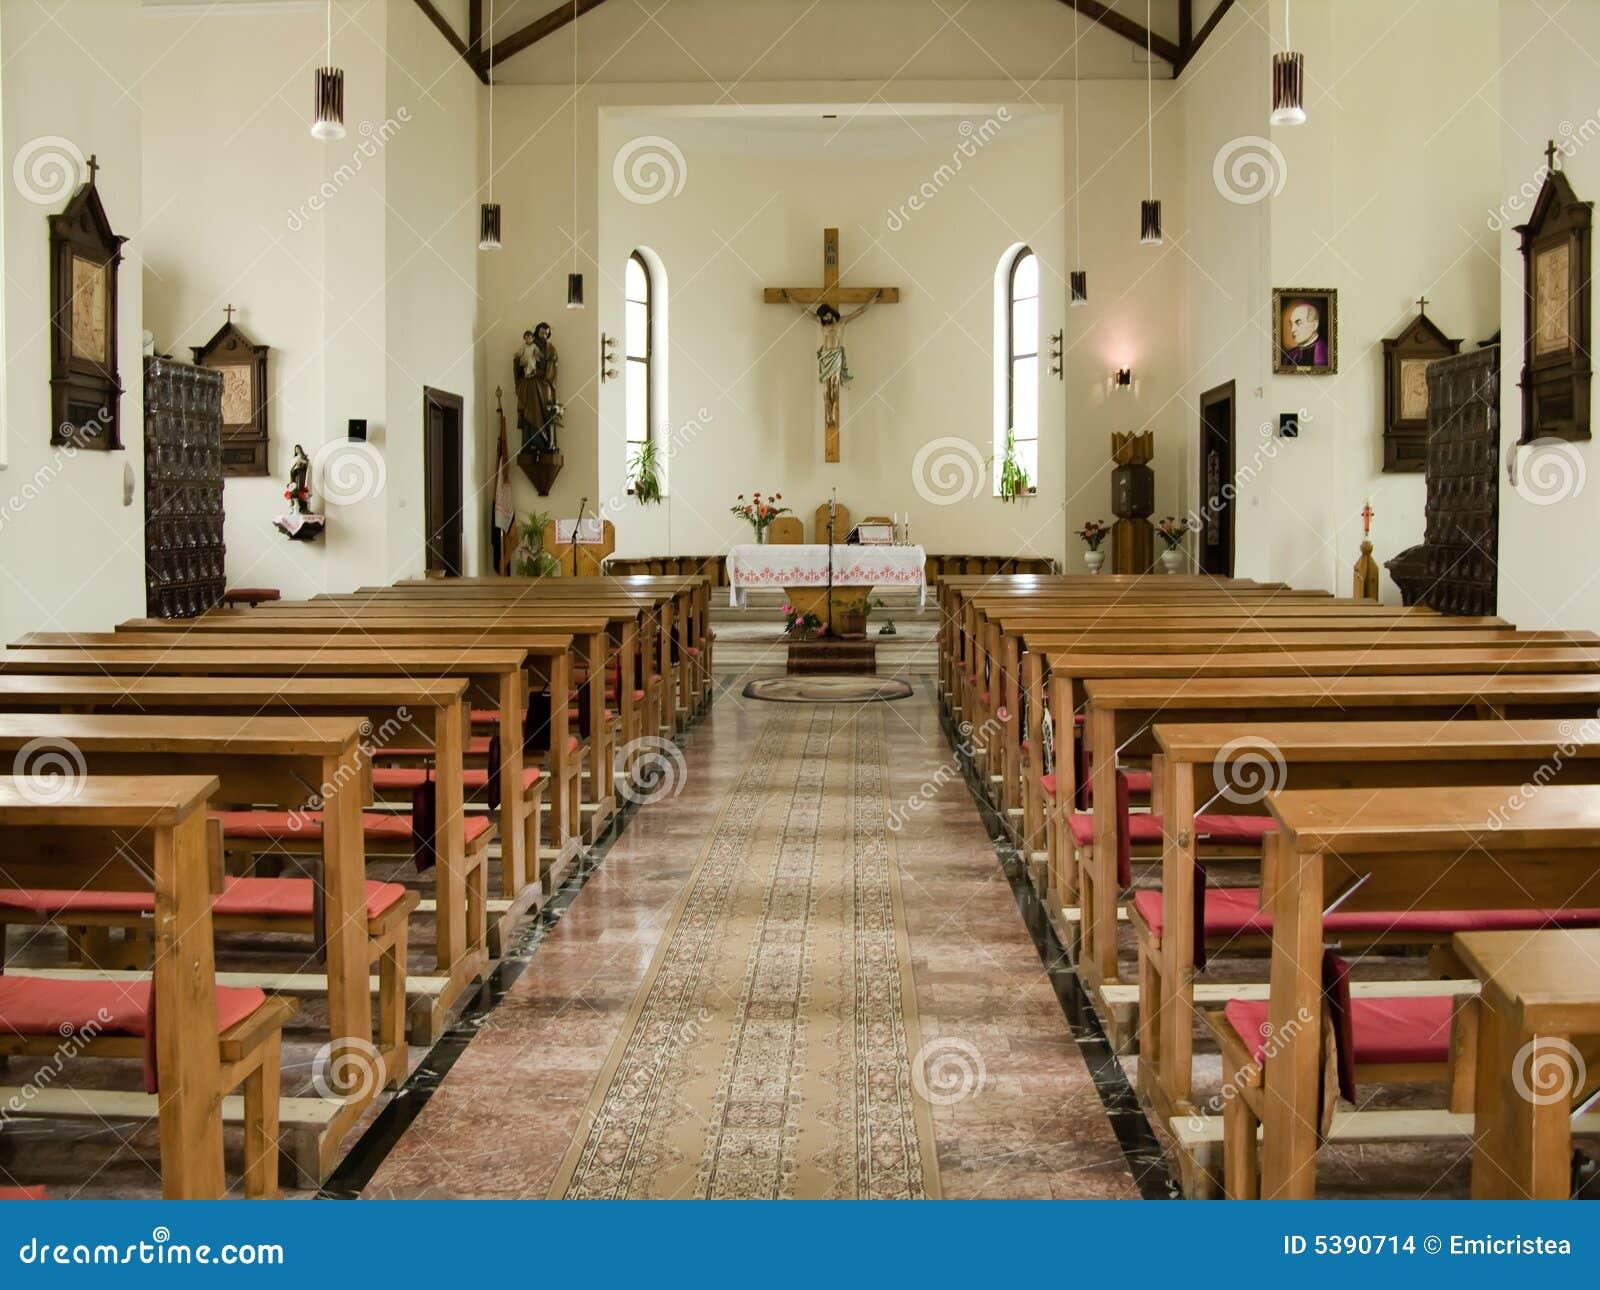 All 39 interno di una chiesa cattolica immagini stock for Casa design cattolica